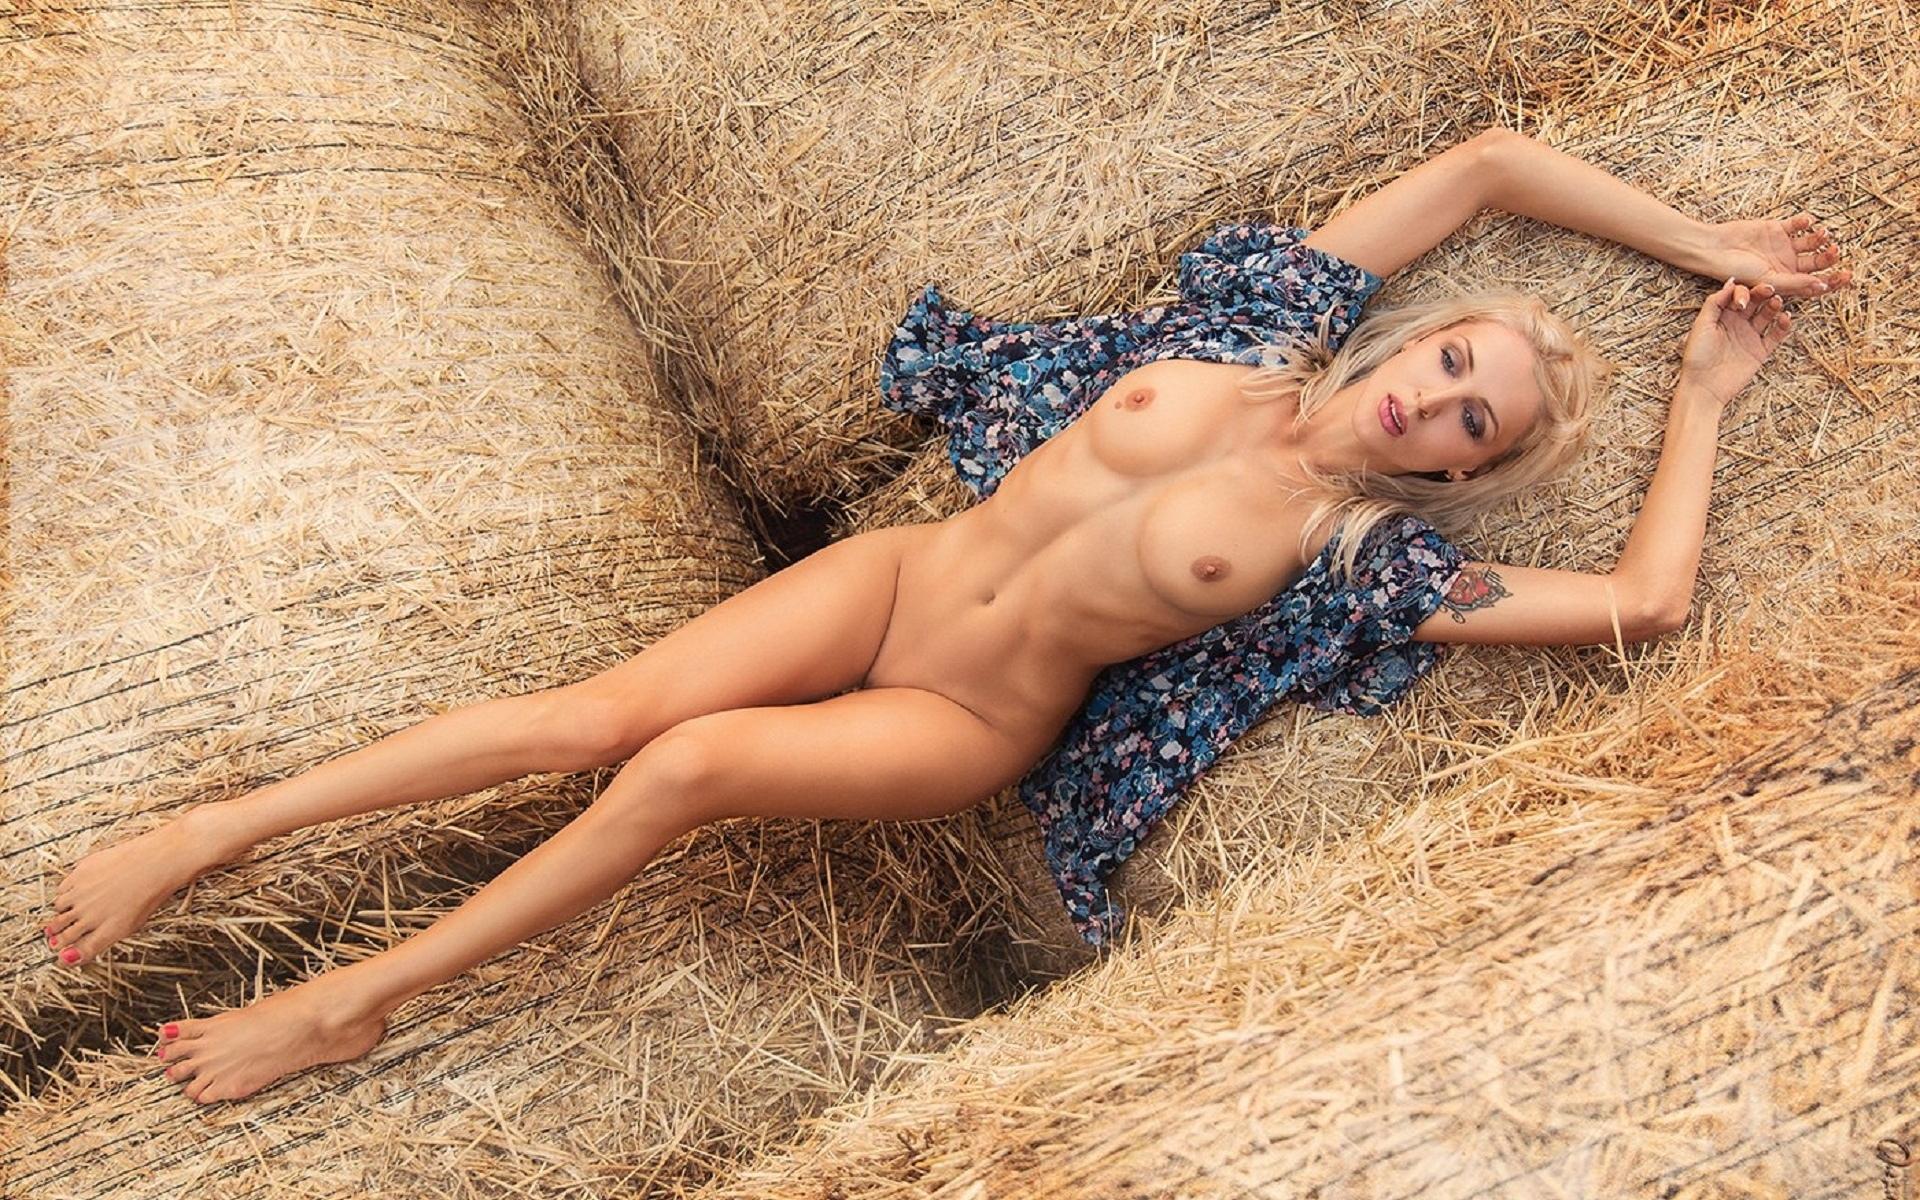 девушка, прелесть, роставила ножки, красавица, прелесть, киця бритая, ножки, голая, попка, красивая милашка, пилотка, поза, секси, попка супер, большие сиси, огромние сиси, голая прелесть, модель, красивая блондинка, фигурка супер